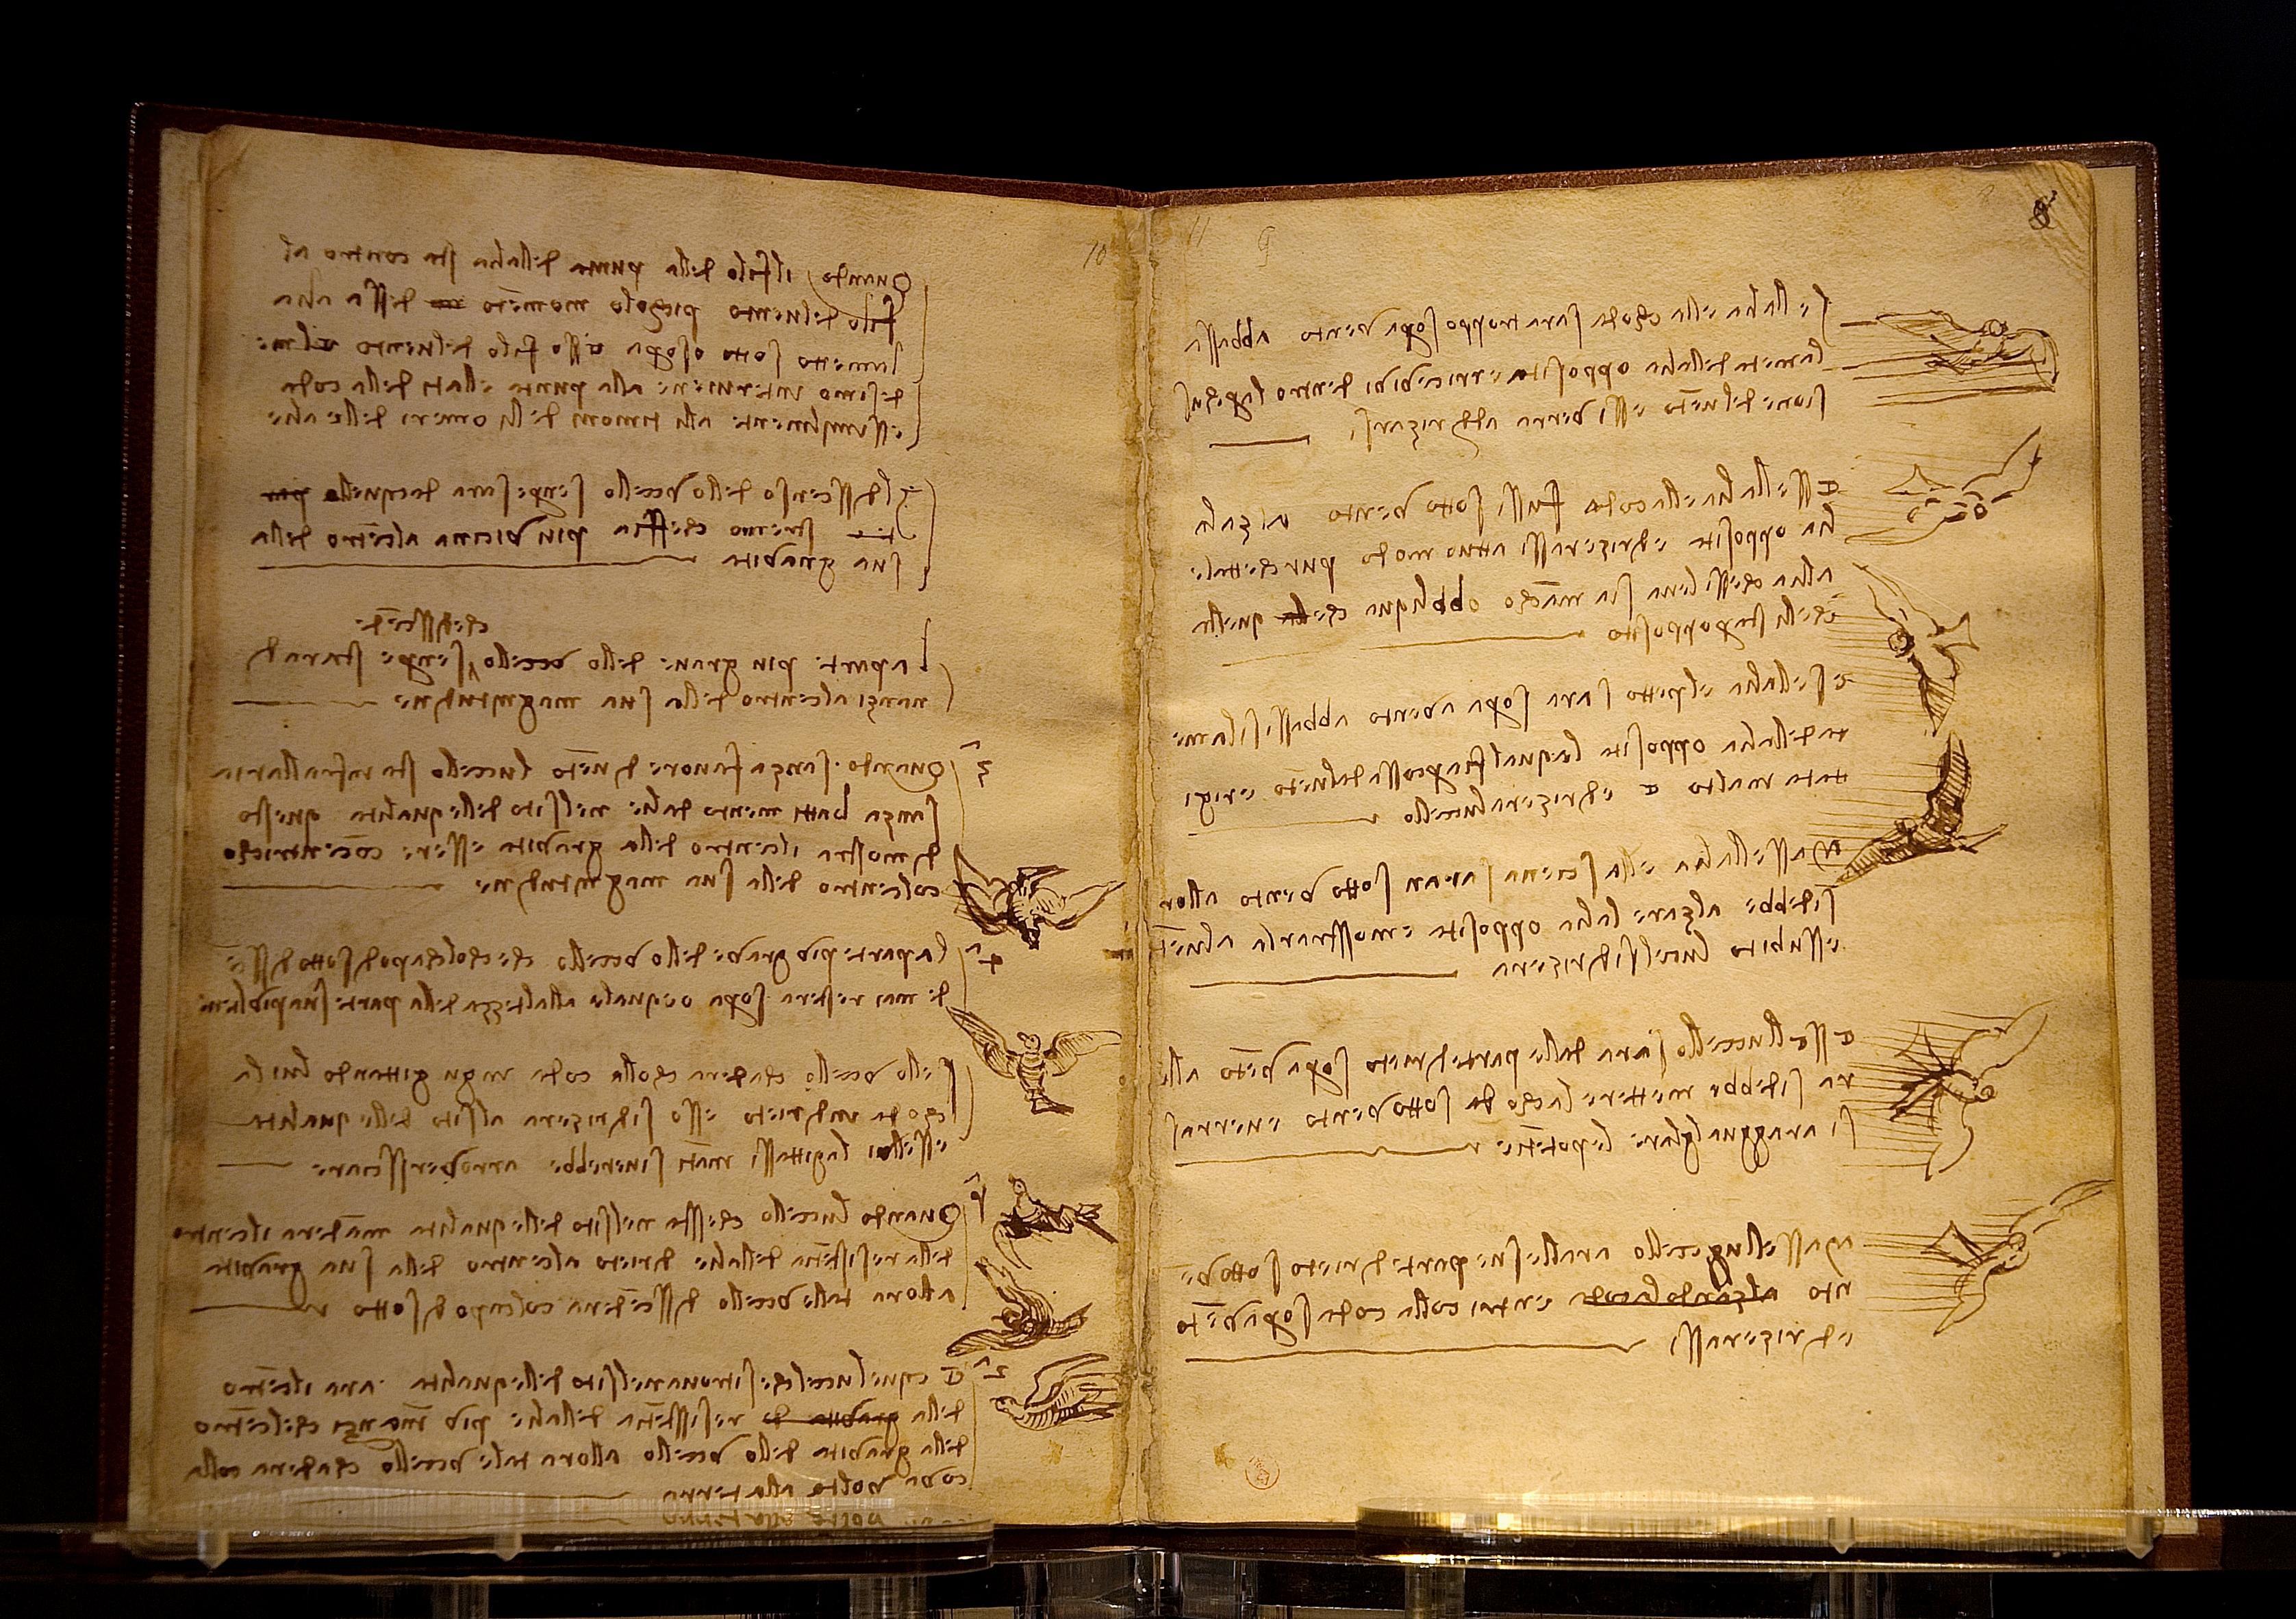 Da_Vinci_codex_du_vol_des_oiseaux_Luc_Viatour.jpg (3353×2364)